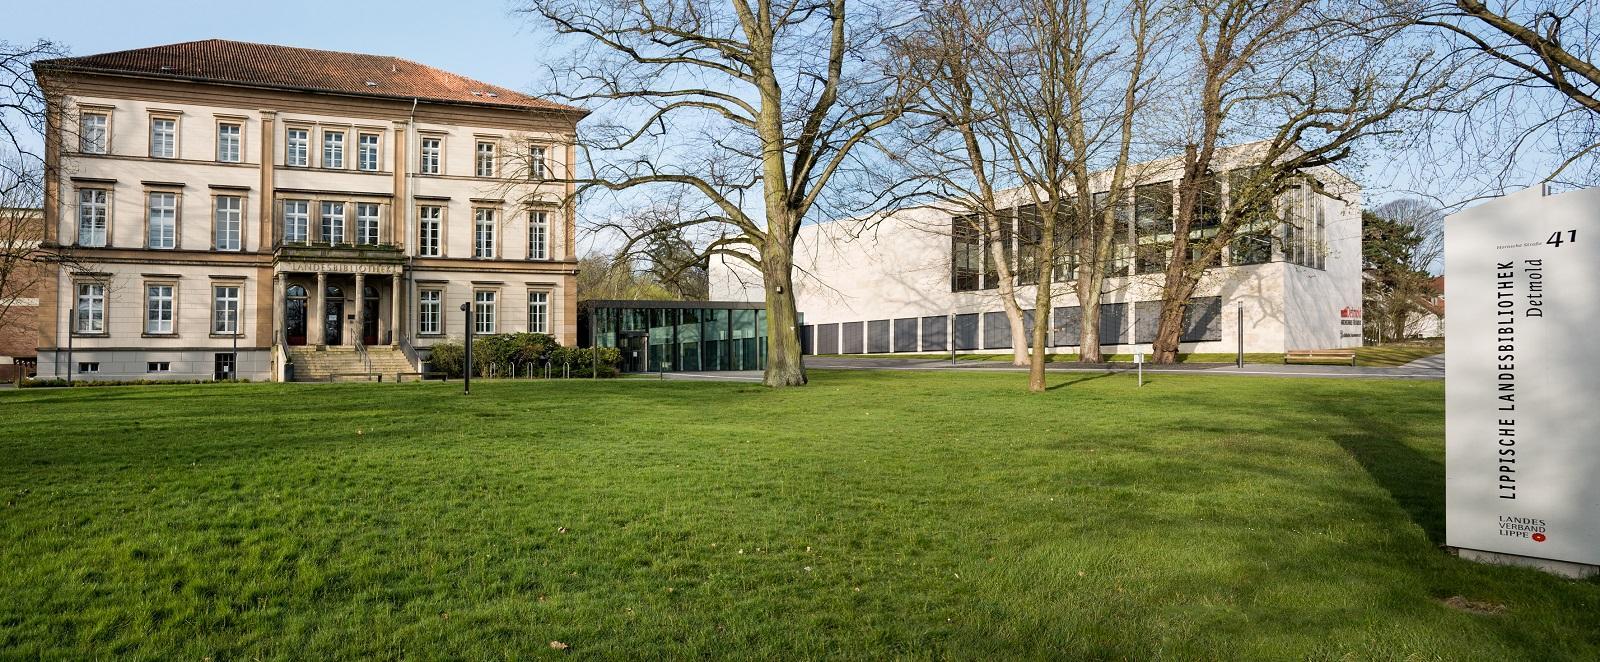 Lippische Landesbibliothek